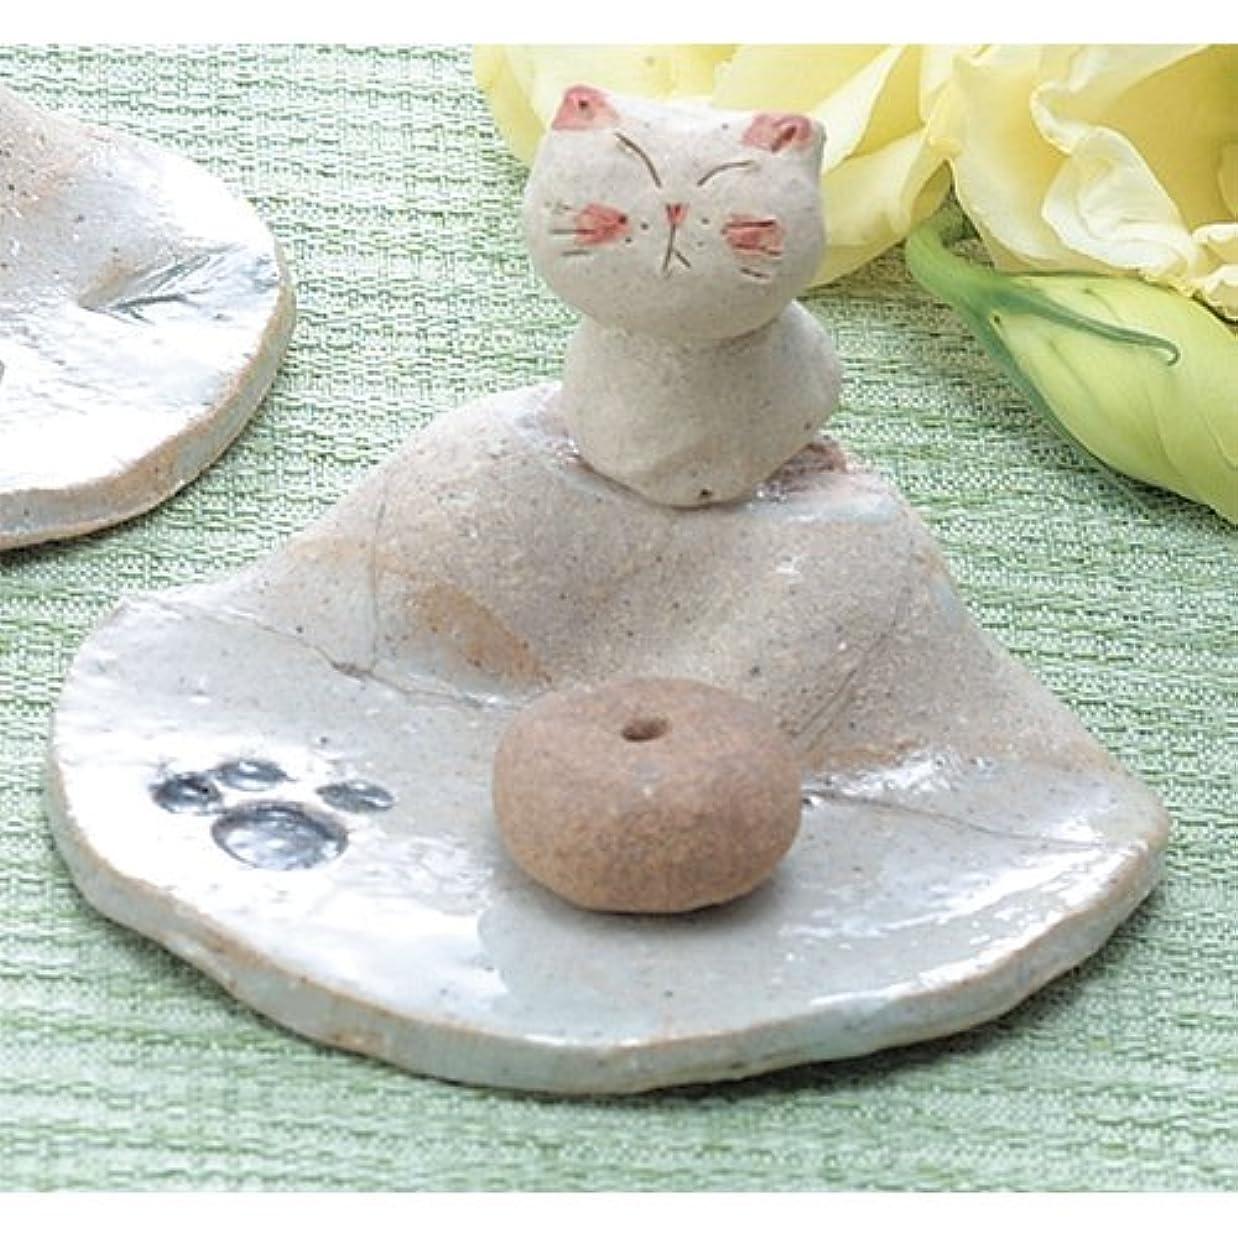 ビバ手配する十分です香皿 ほっこり ネコ 香皿 [H4cm] プレゼント ギフト 和食器 かわいい インテリア